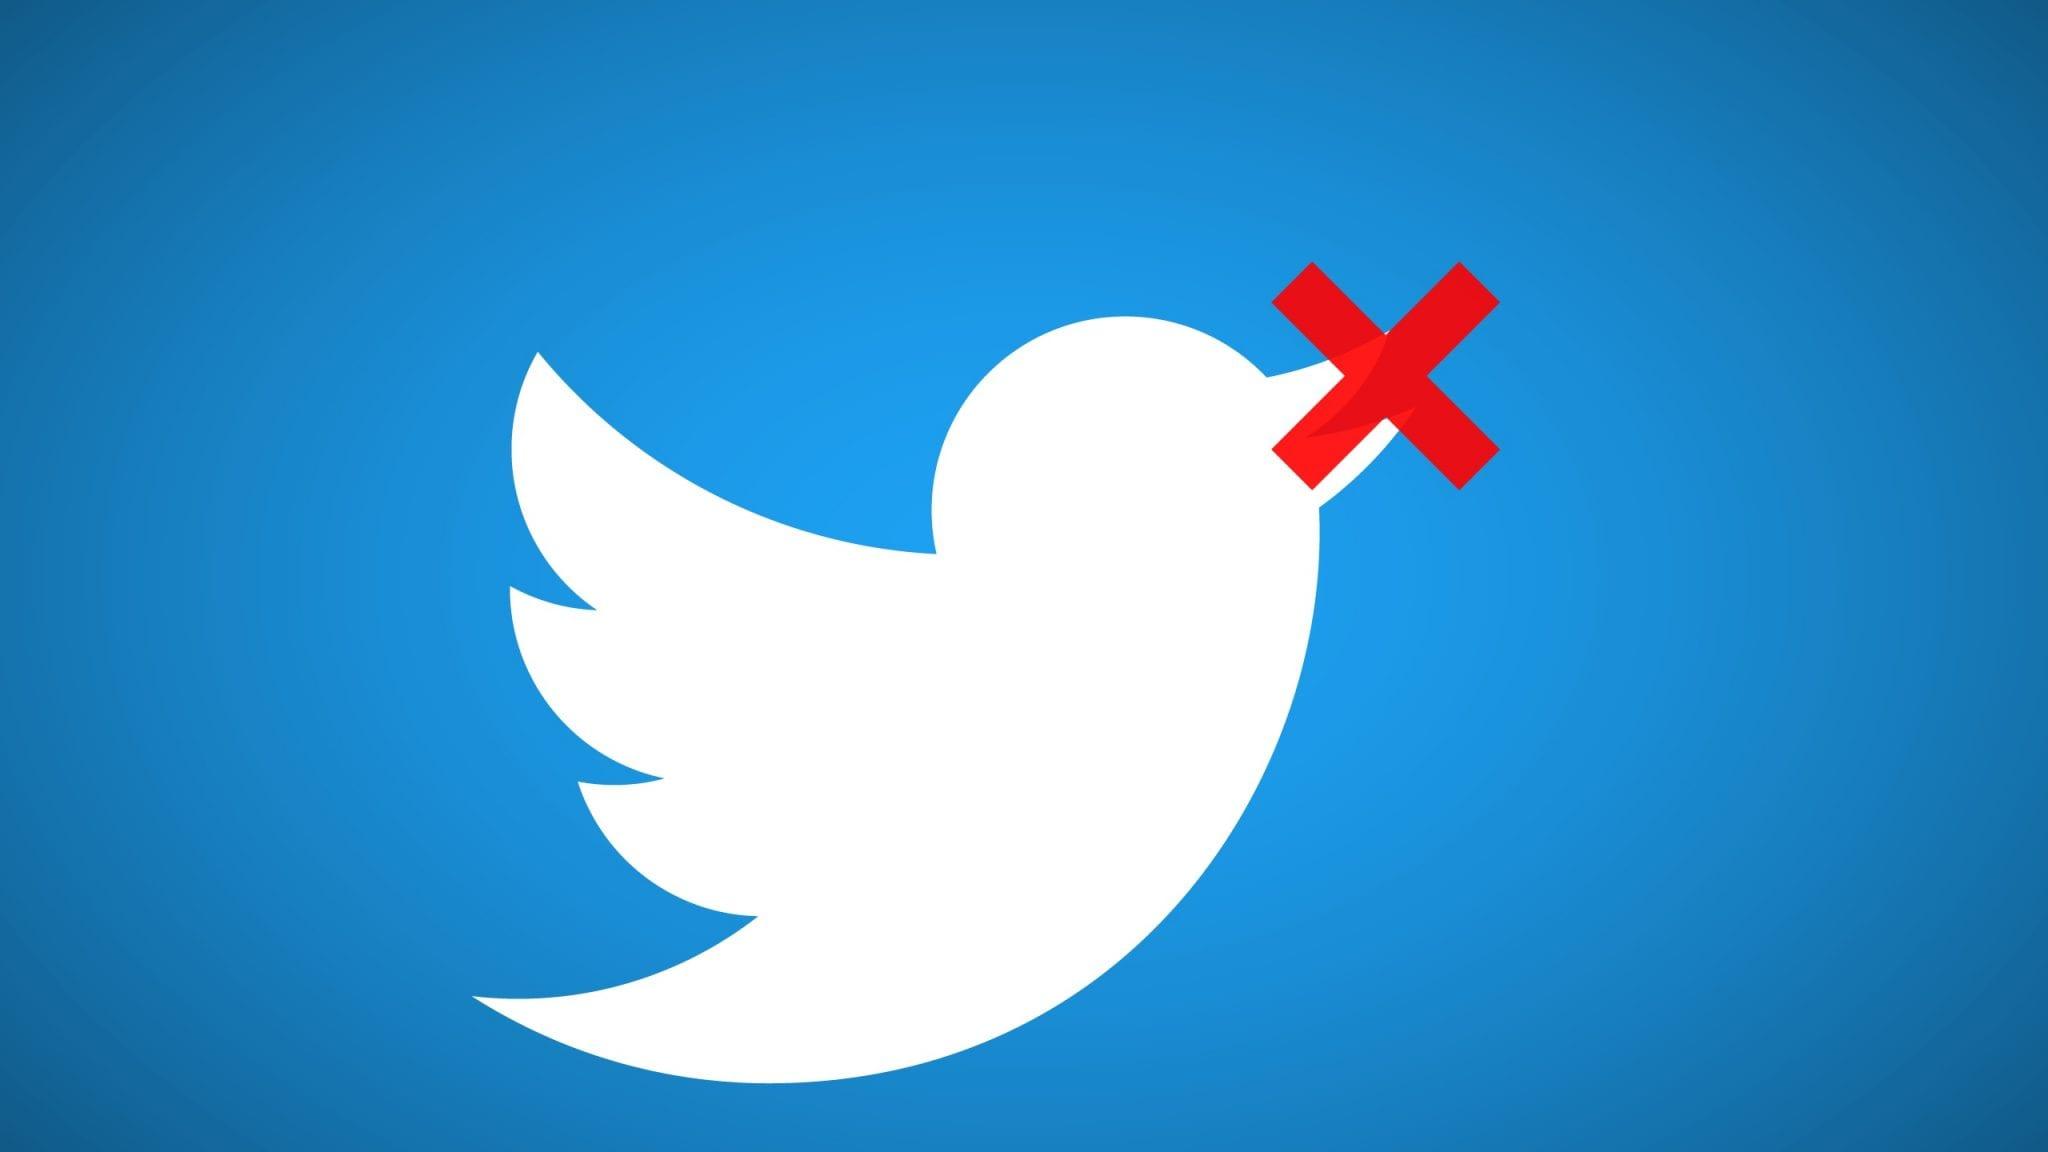 Twitter Ban in Pakistan